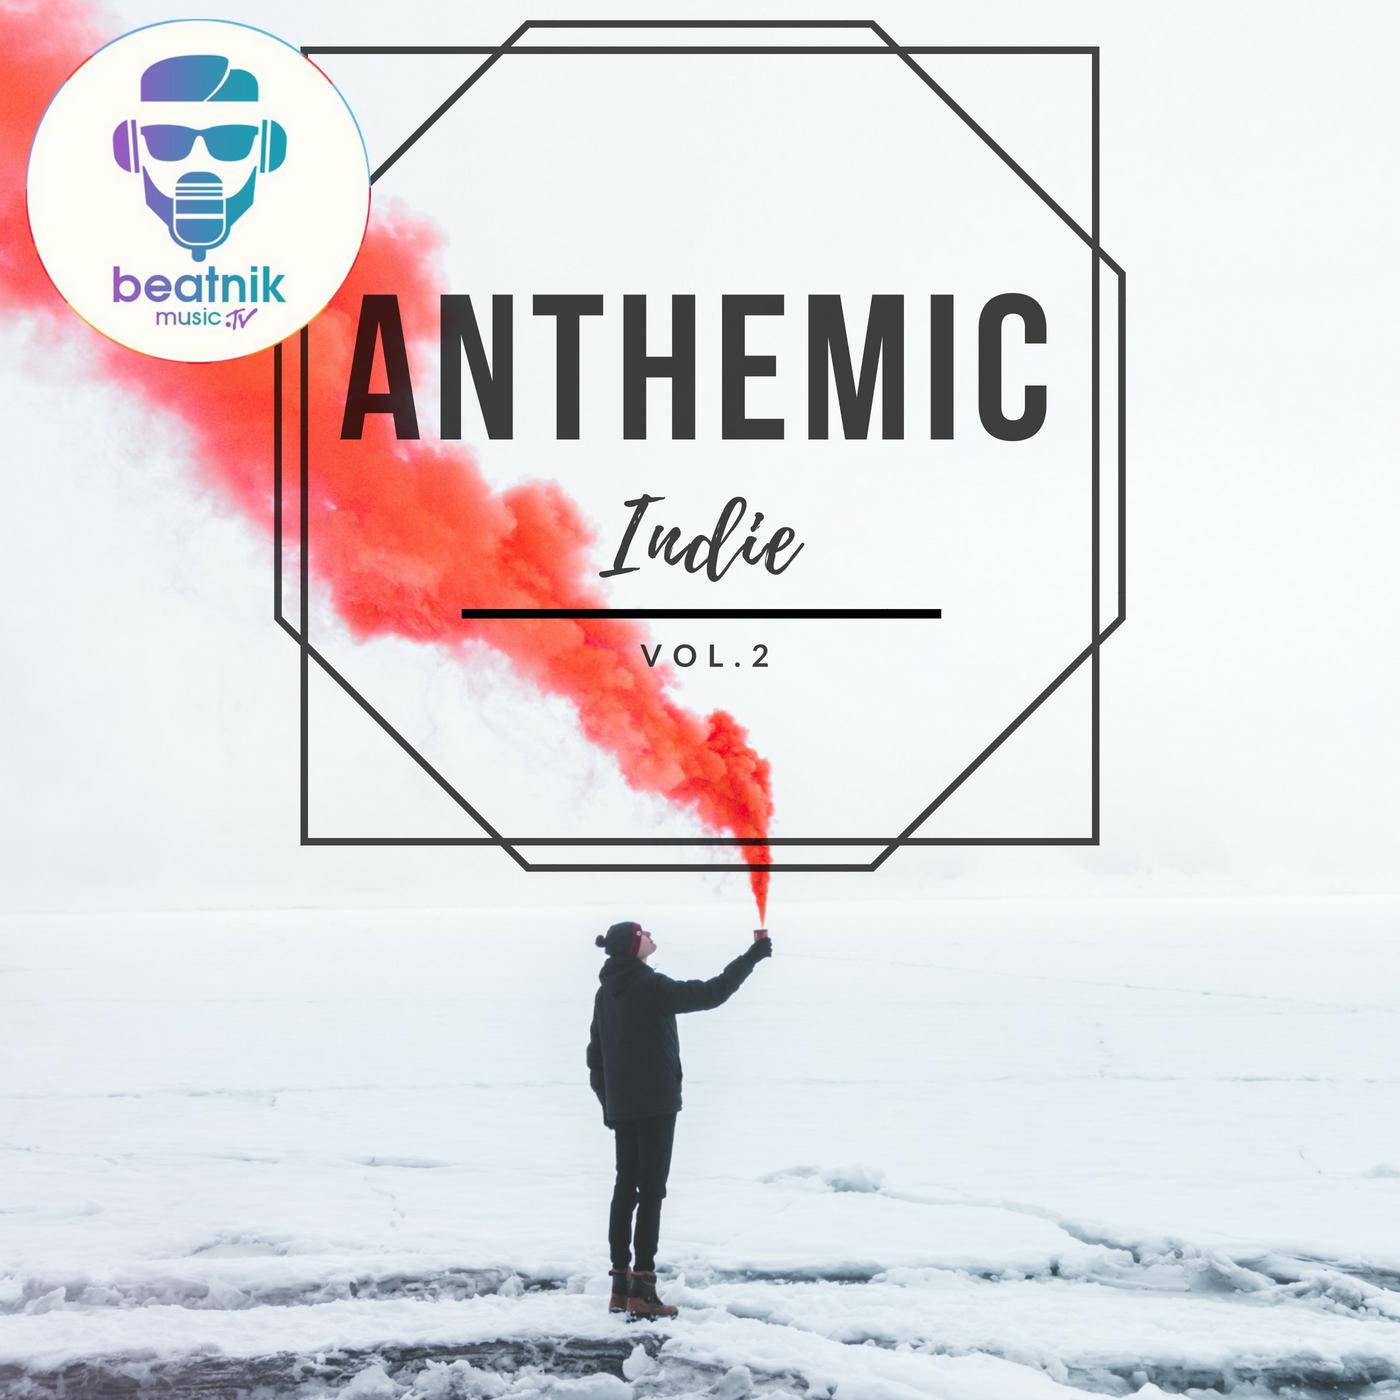 Anthemic Indie - Vol. 2